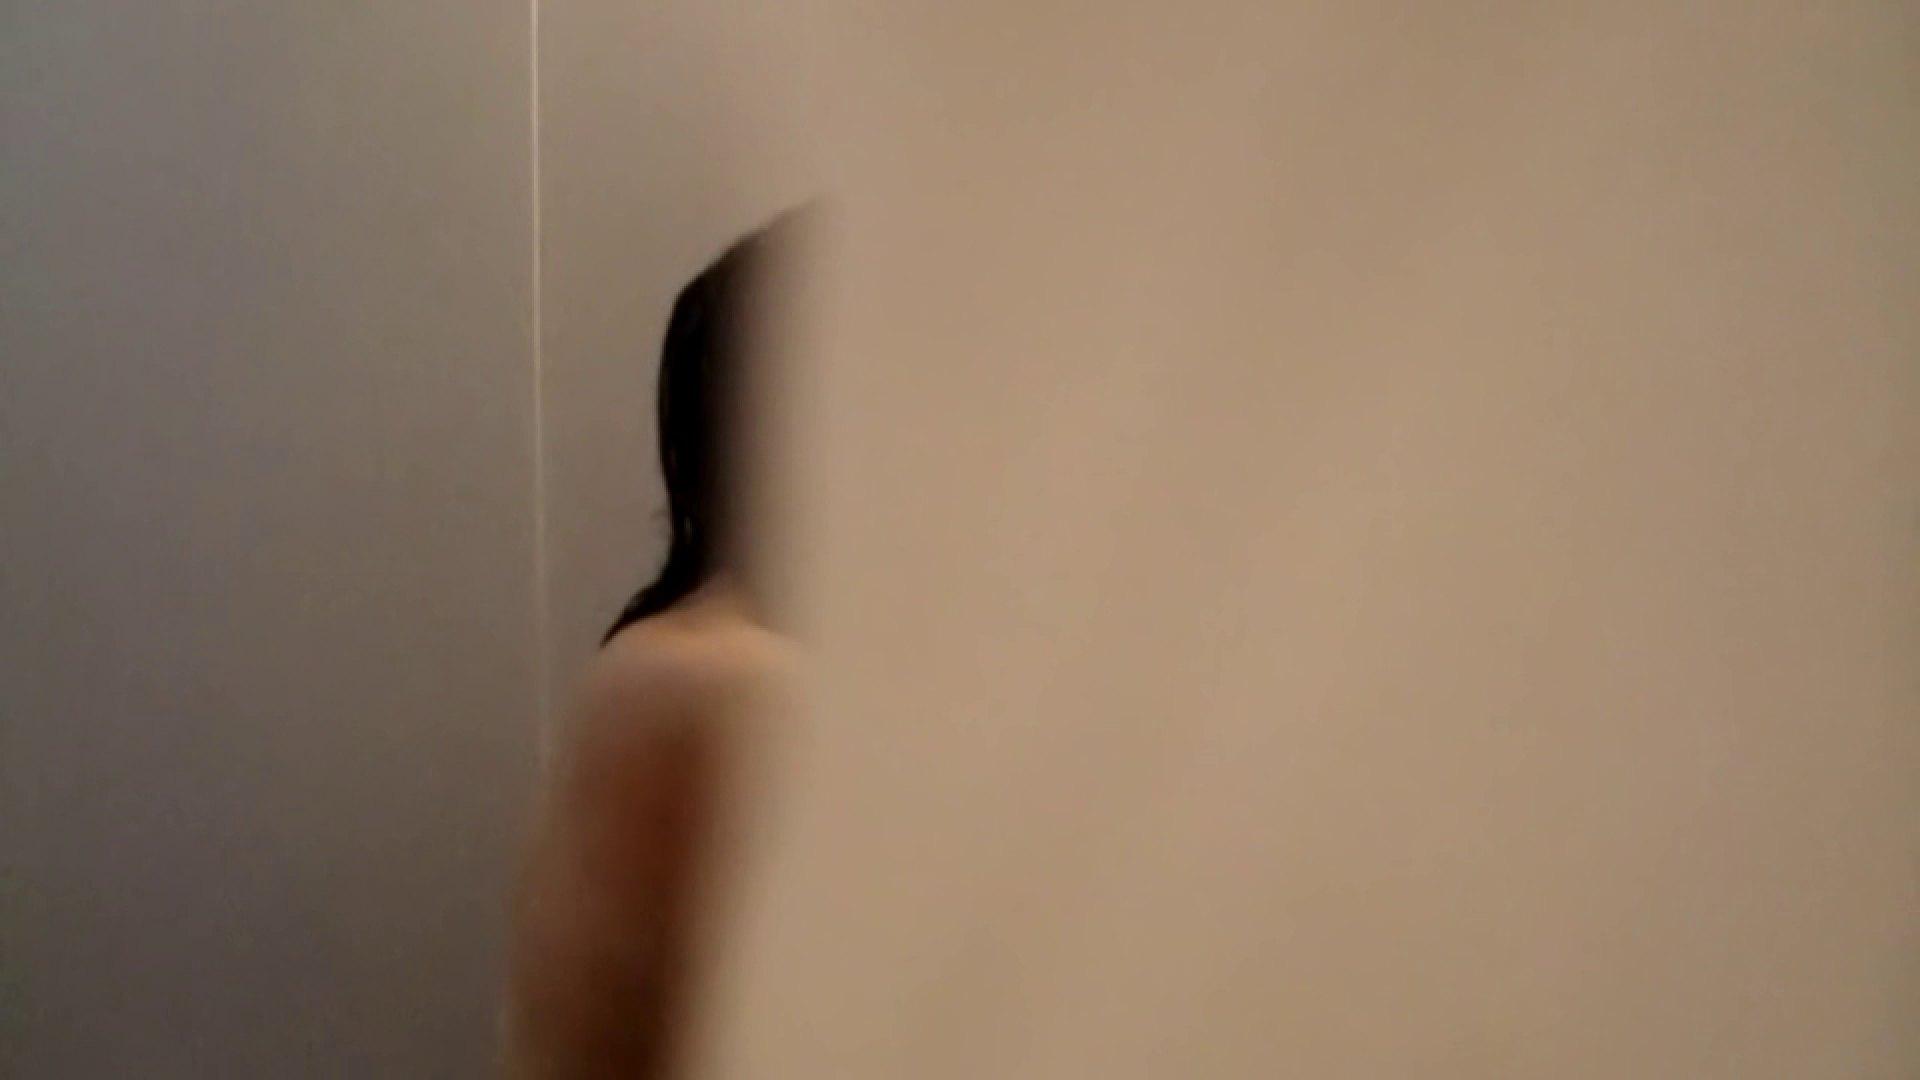 vol.2 葵のグラドル顔負けの爆乳を入浴シーンでどうぞ。 入浴 エロ画像 110枚 15